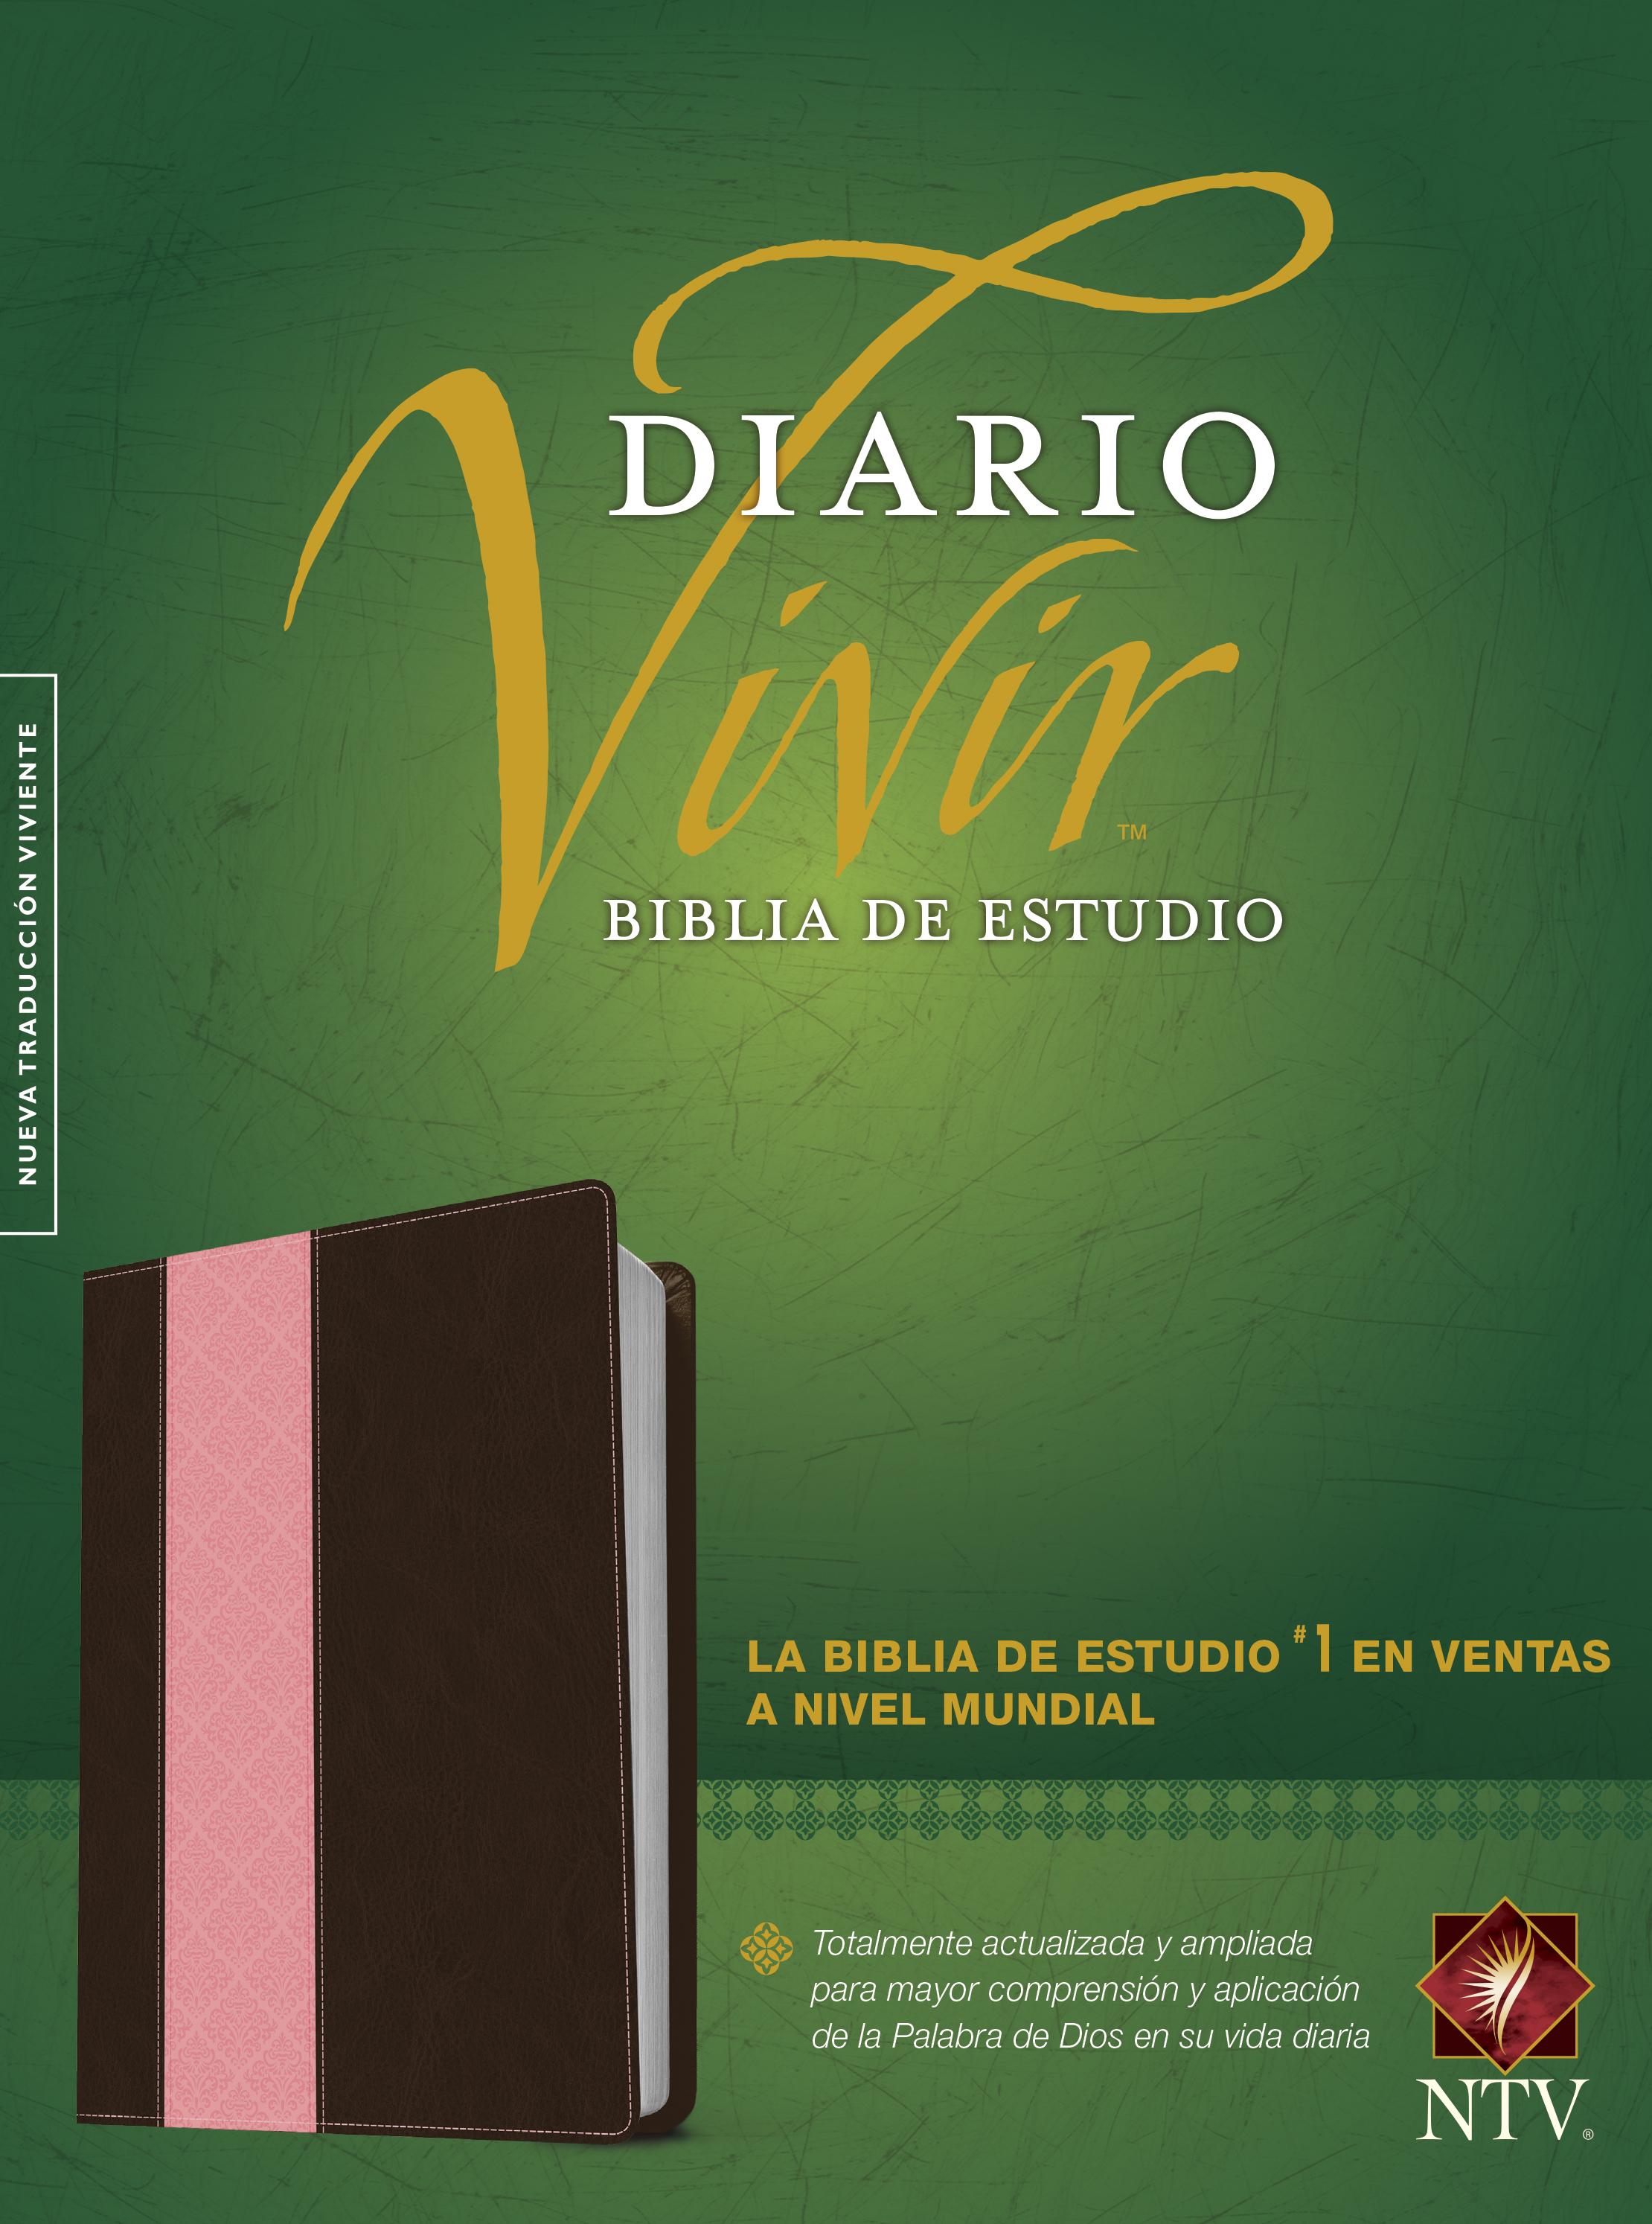 Biblia de estudio del diario vivir NTV (Letra Roja, SentiPiel, Café/Rosa, Índice)